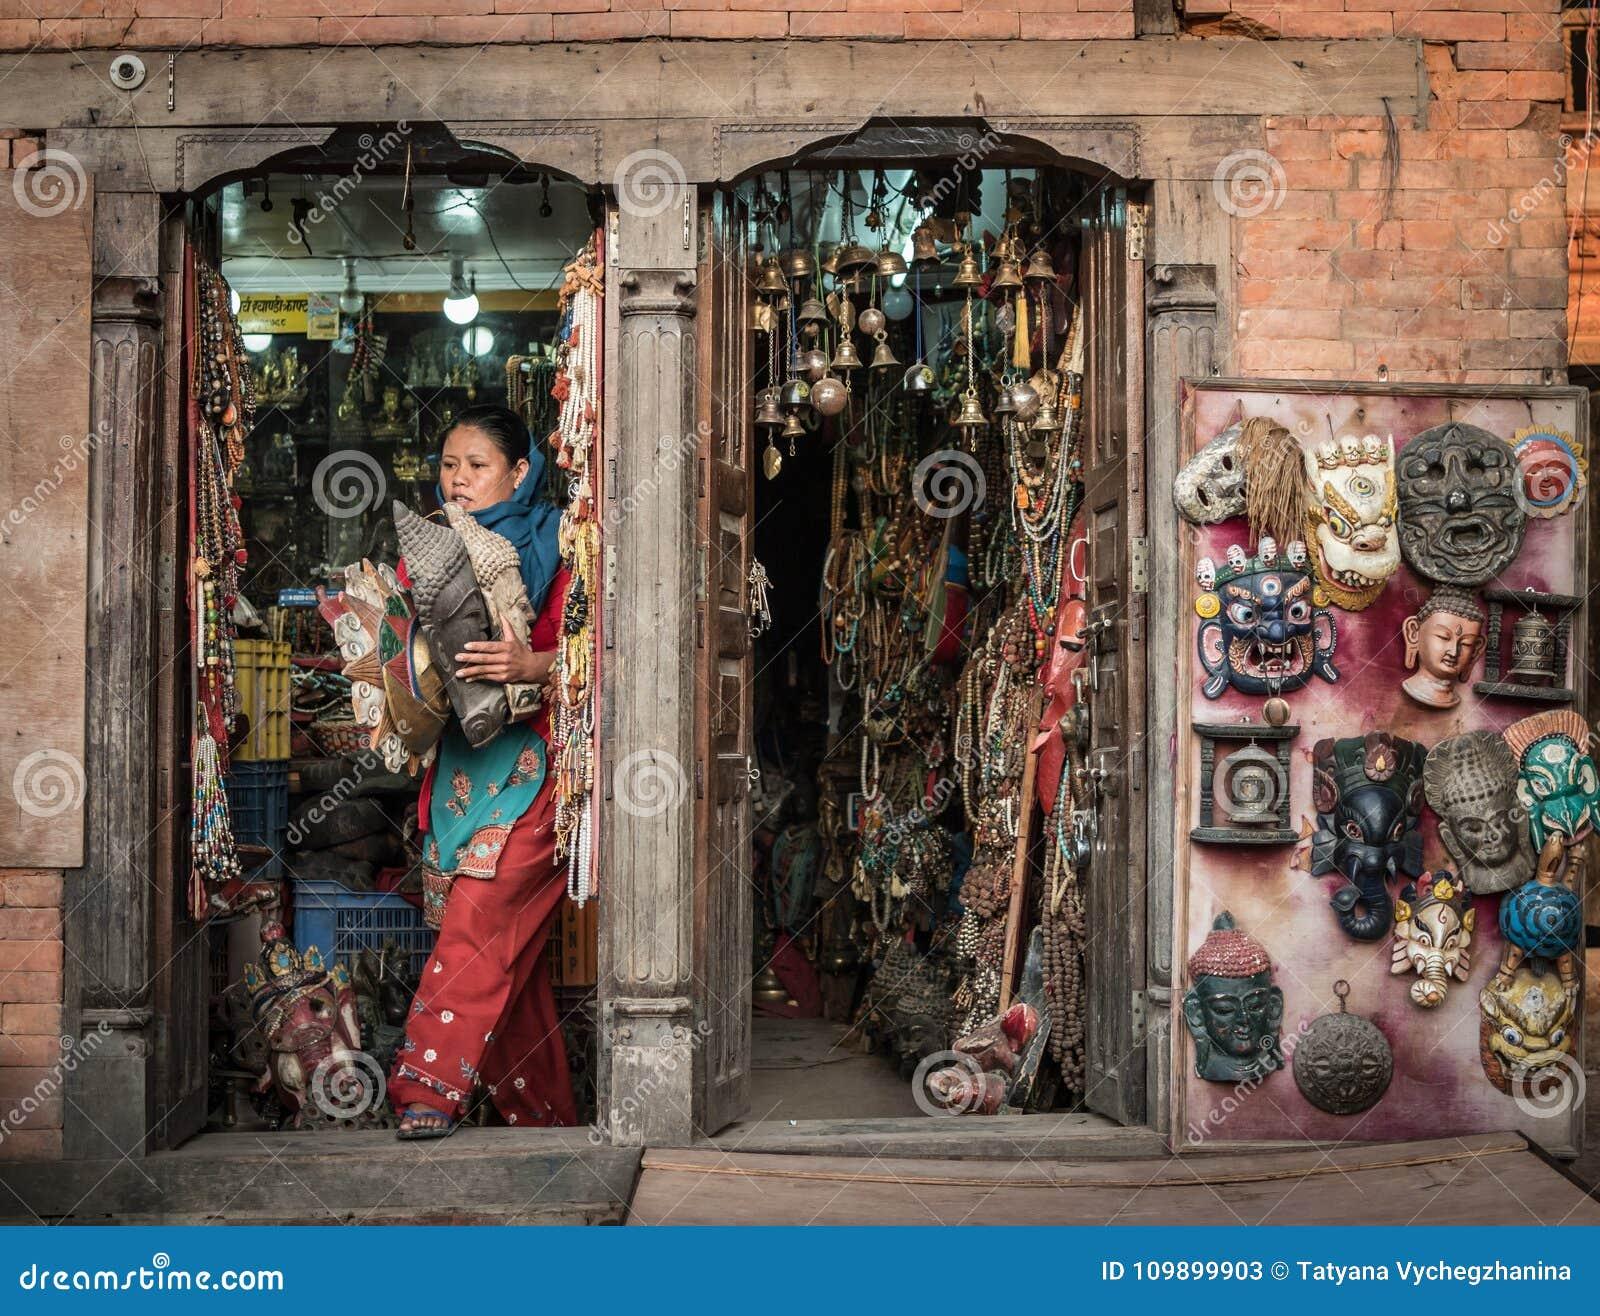 尼泊尔妇女在纪念品店在市场上